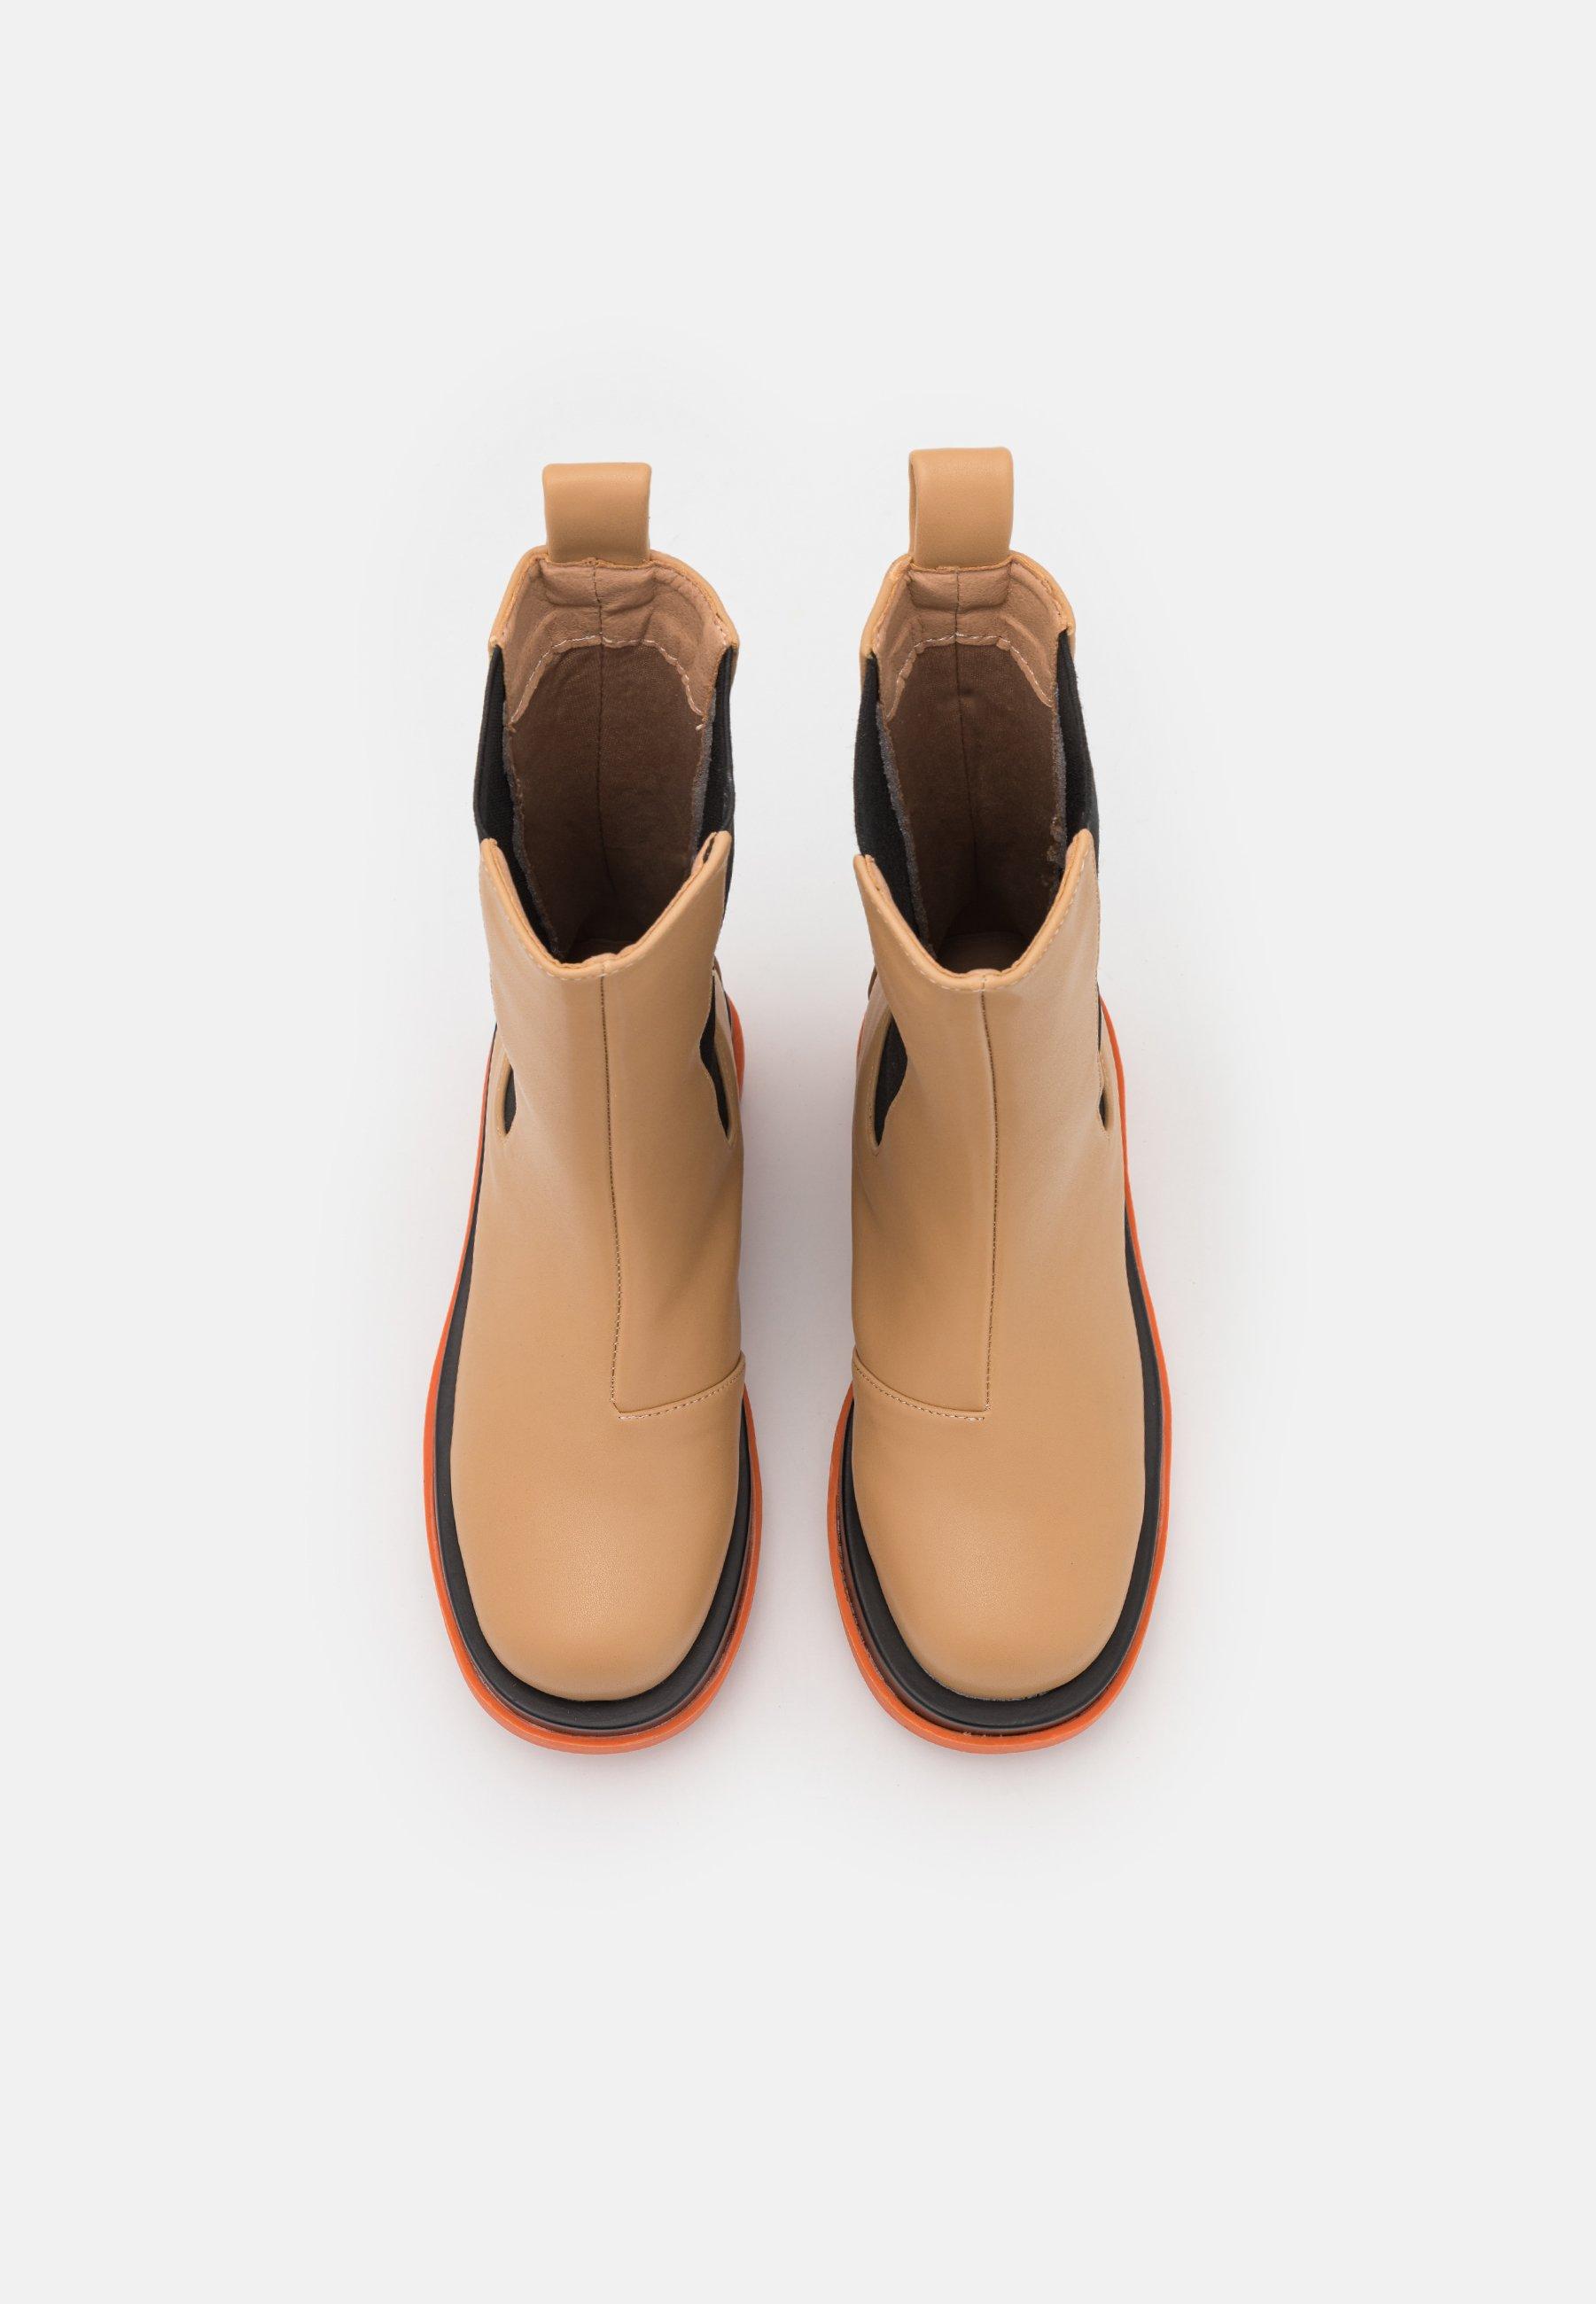 Women KENDALL - Platform boots - camel